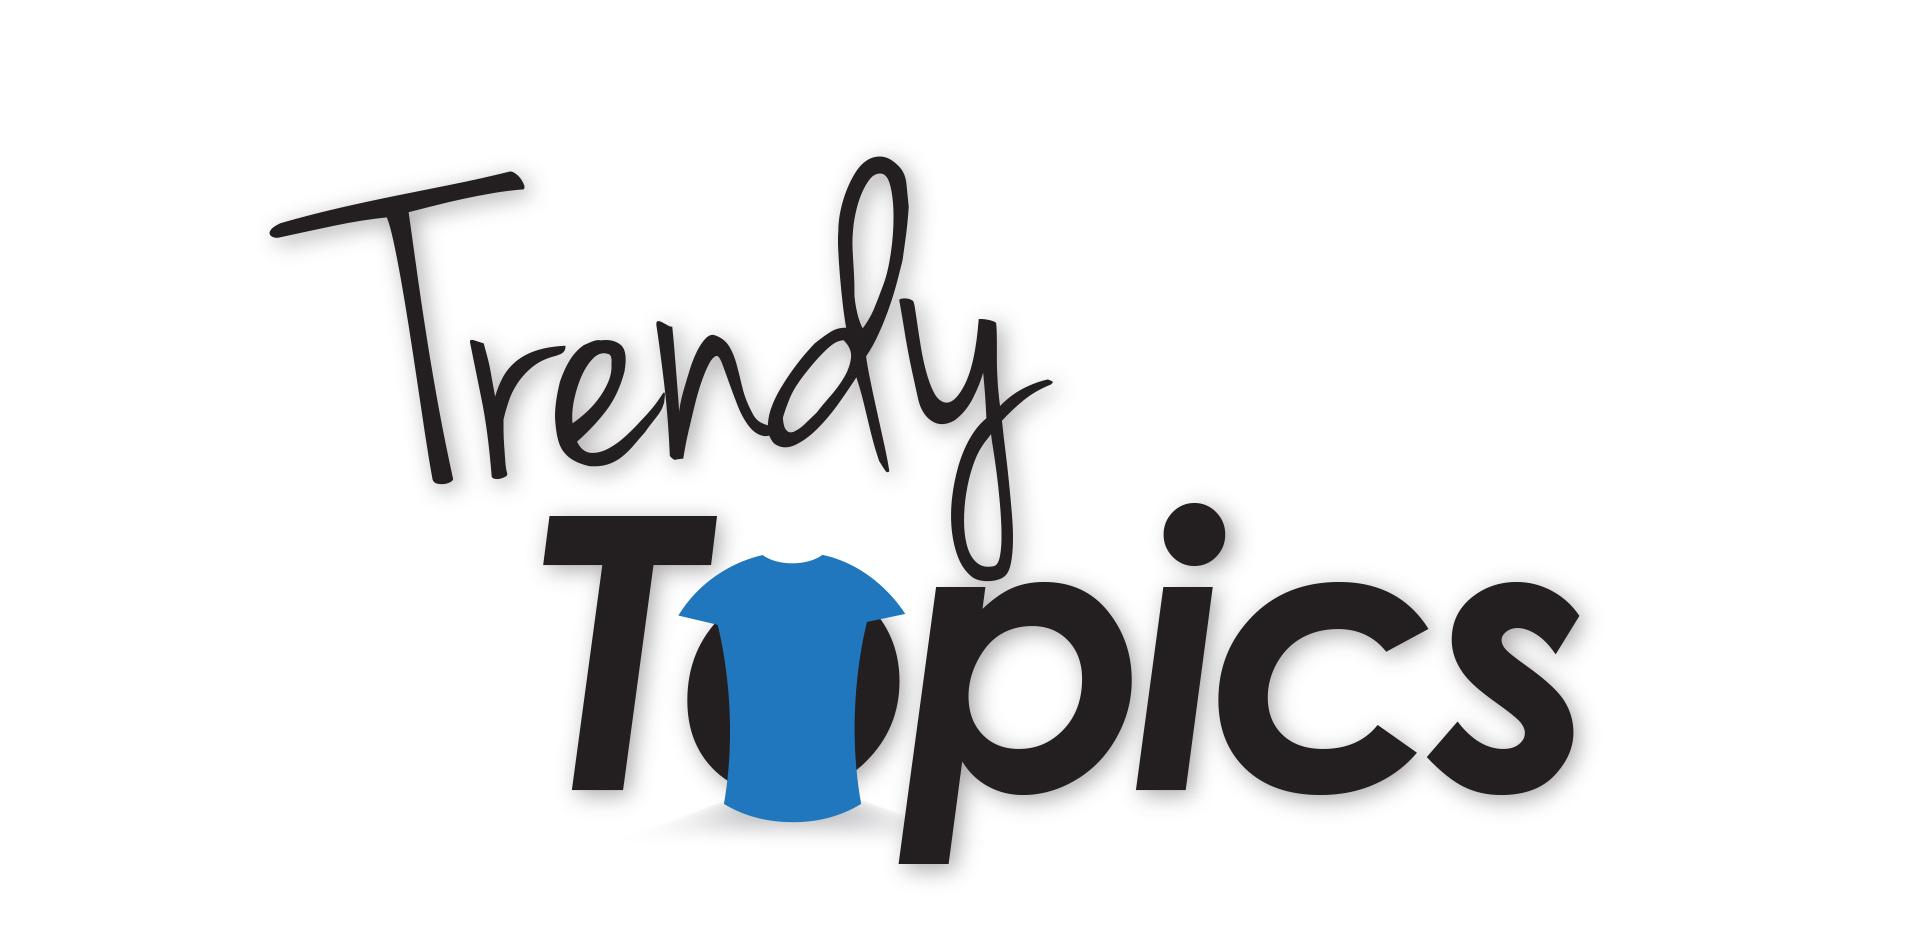 Trendy Topics